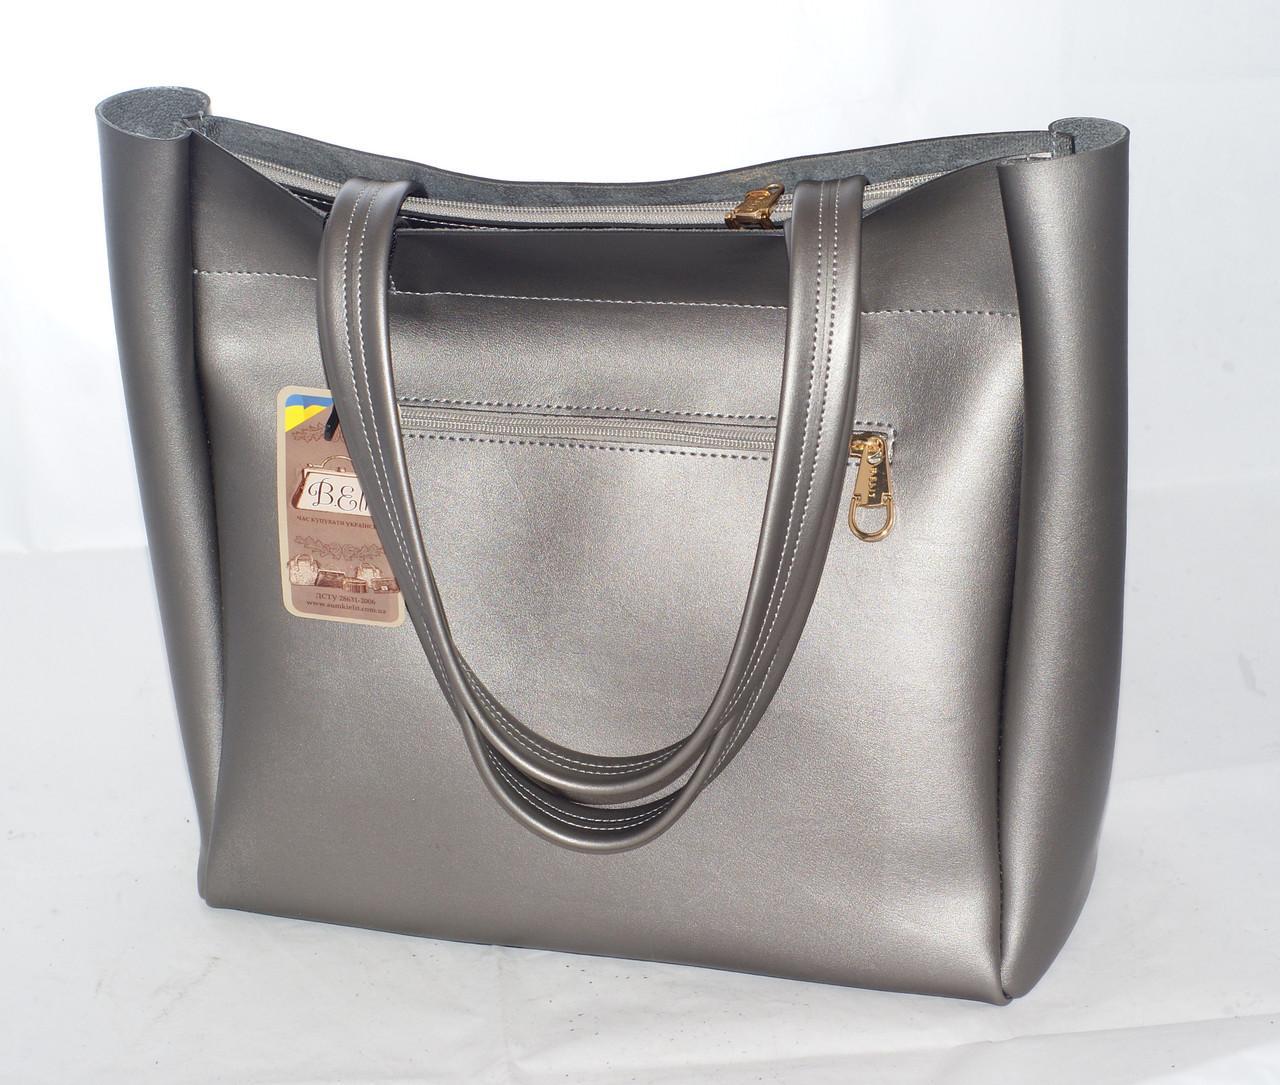 bd0fcca05031 ... фото · Большая женская сумка-шоппер B.Elit, цвет графит (серый), ...